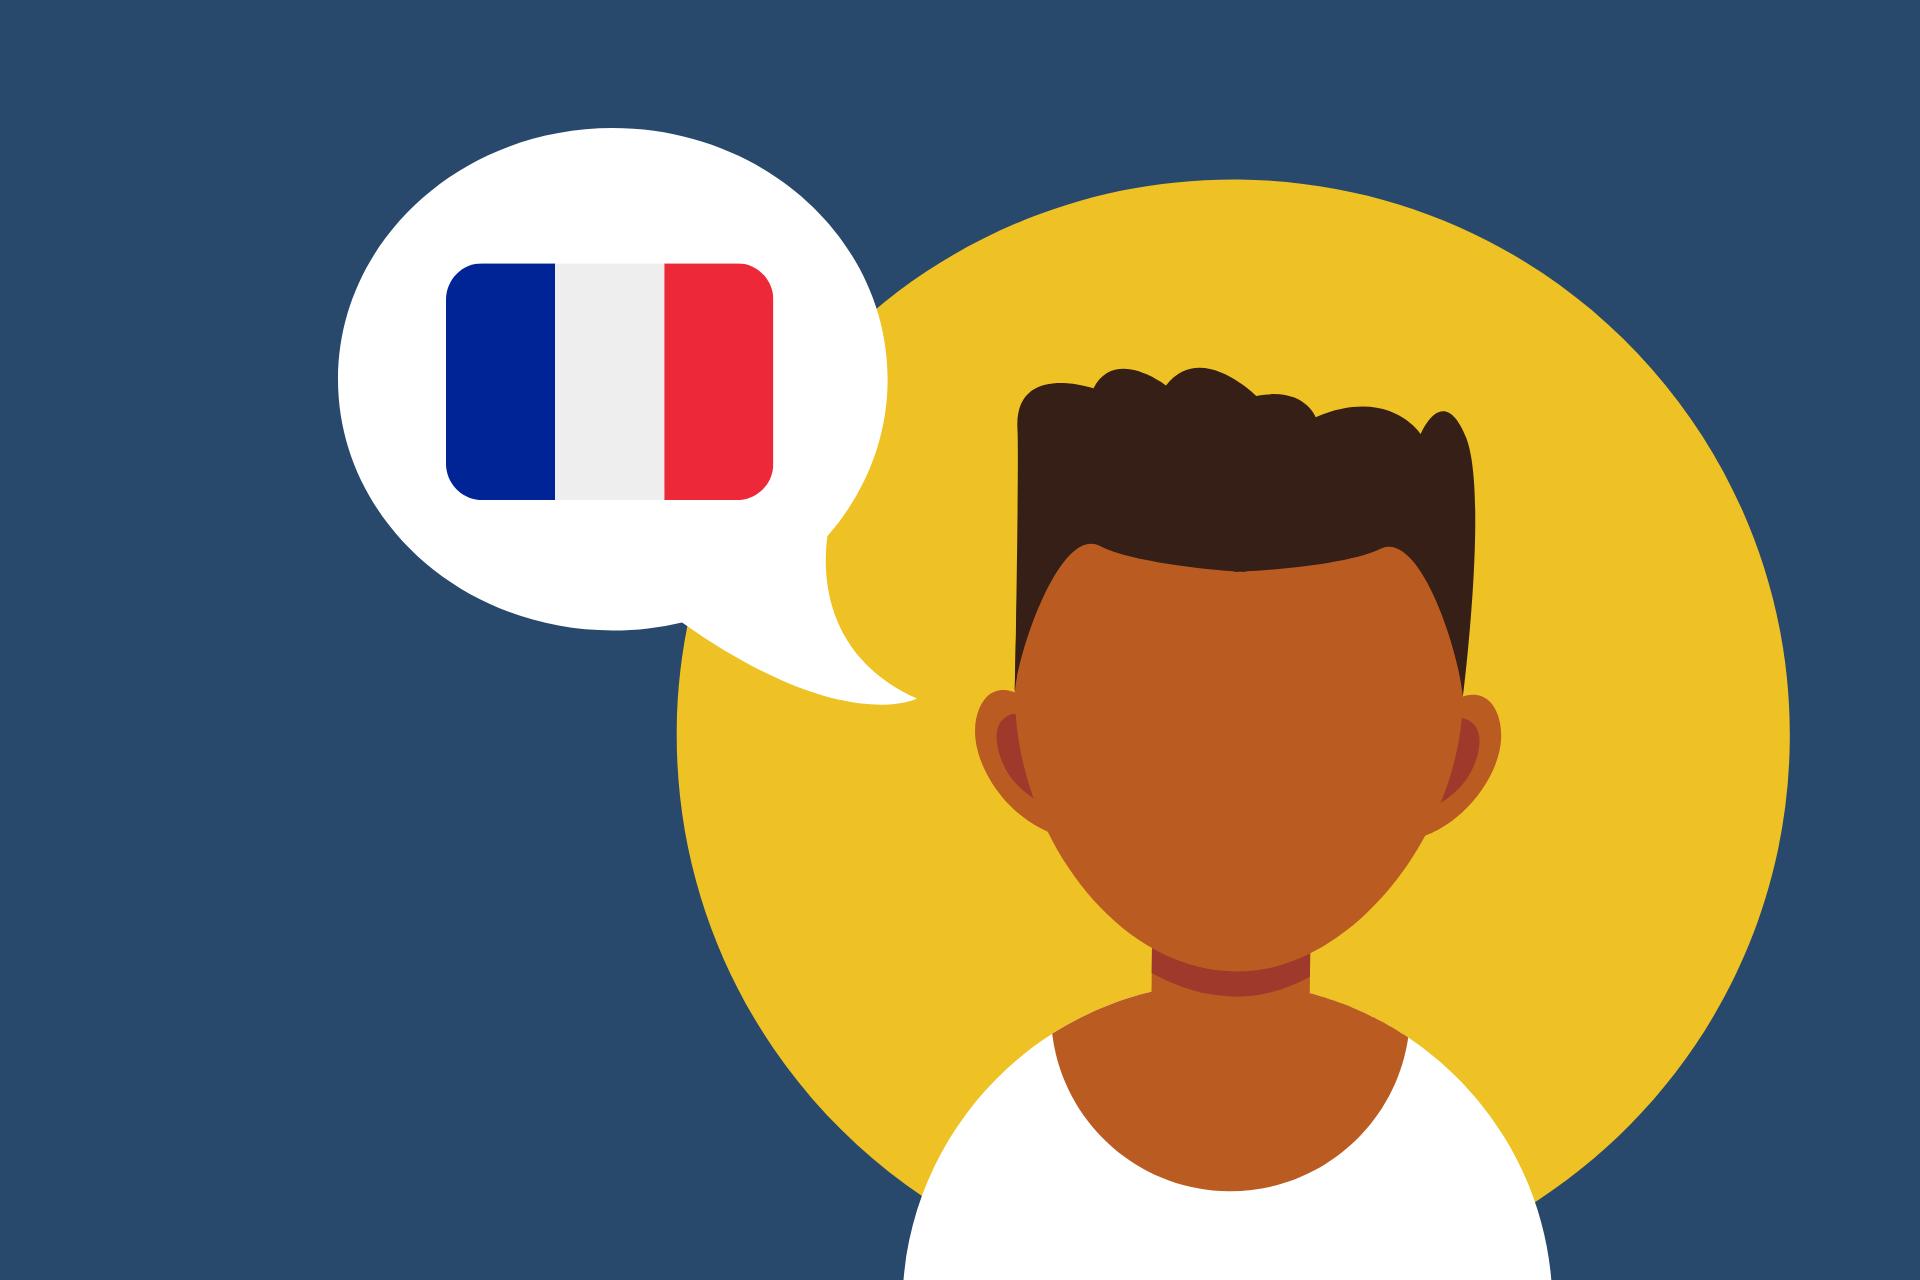 DELF e DALF: conheça os testes de proficiência em francês